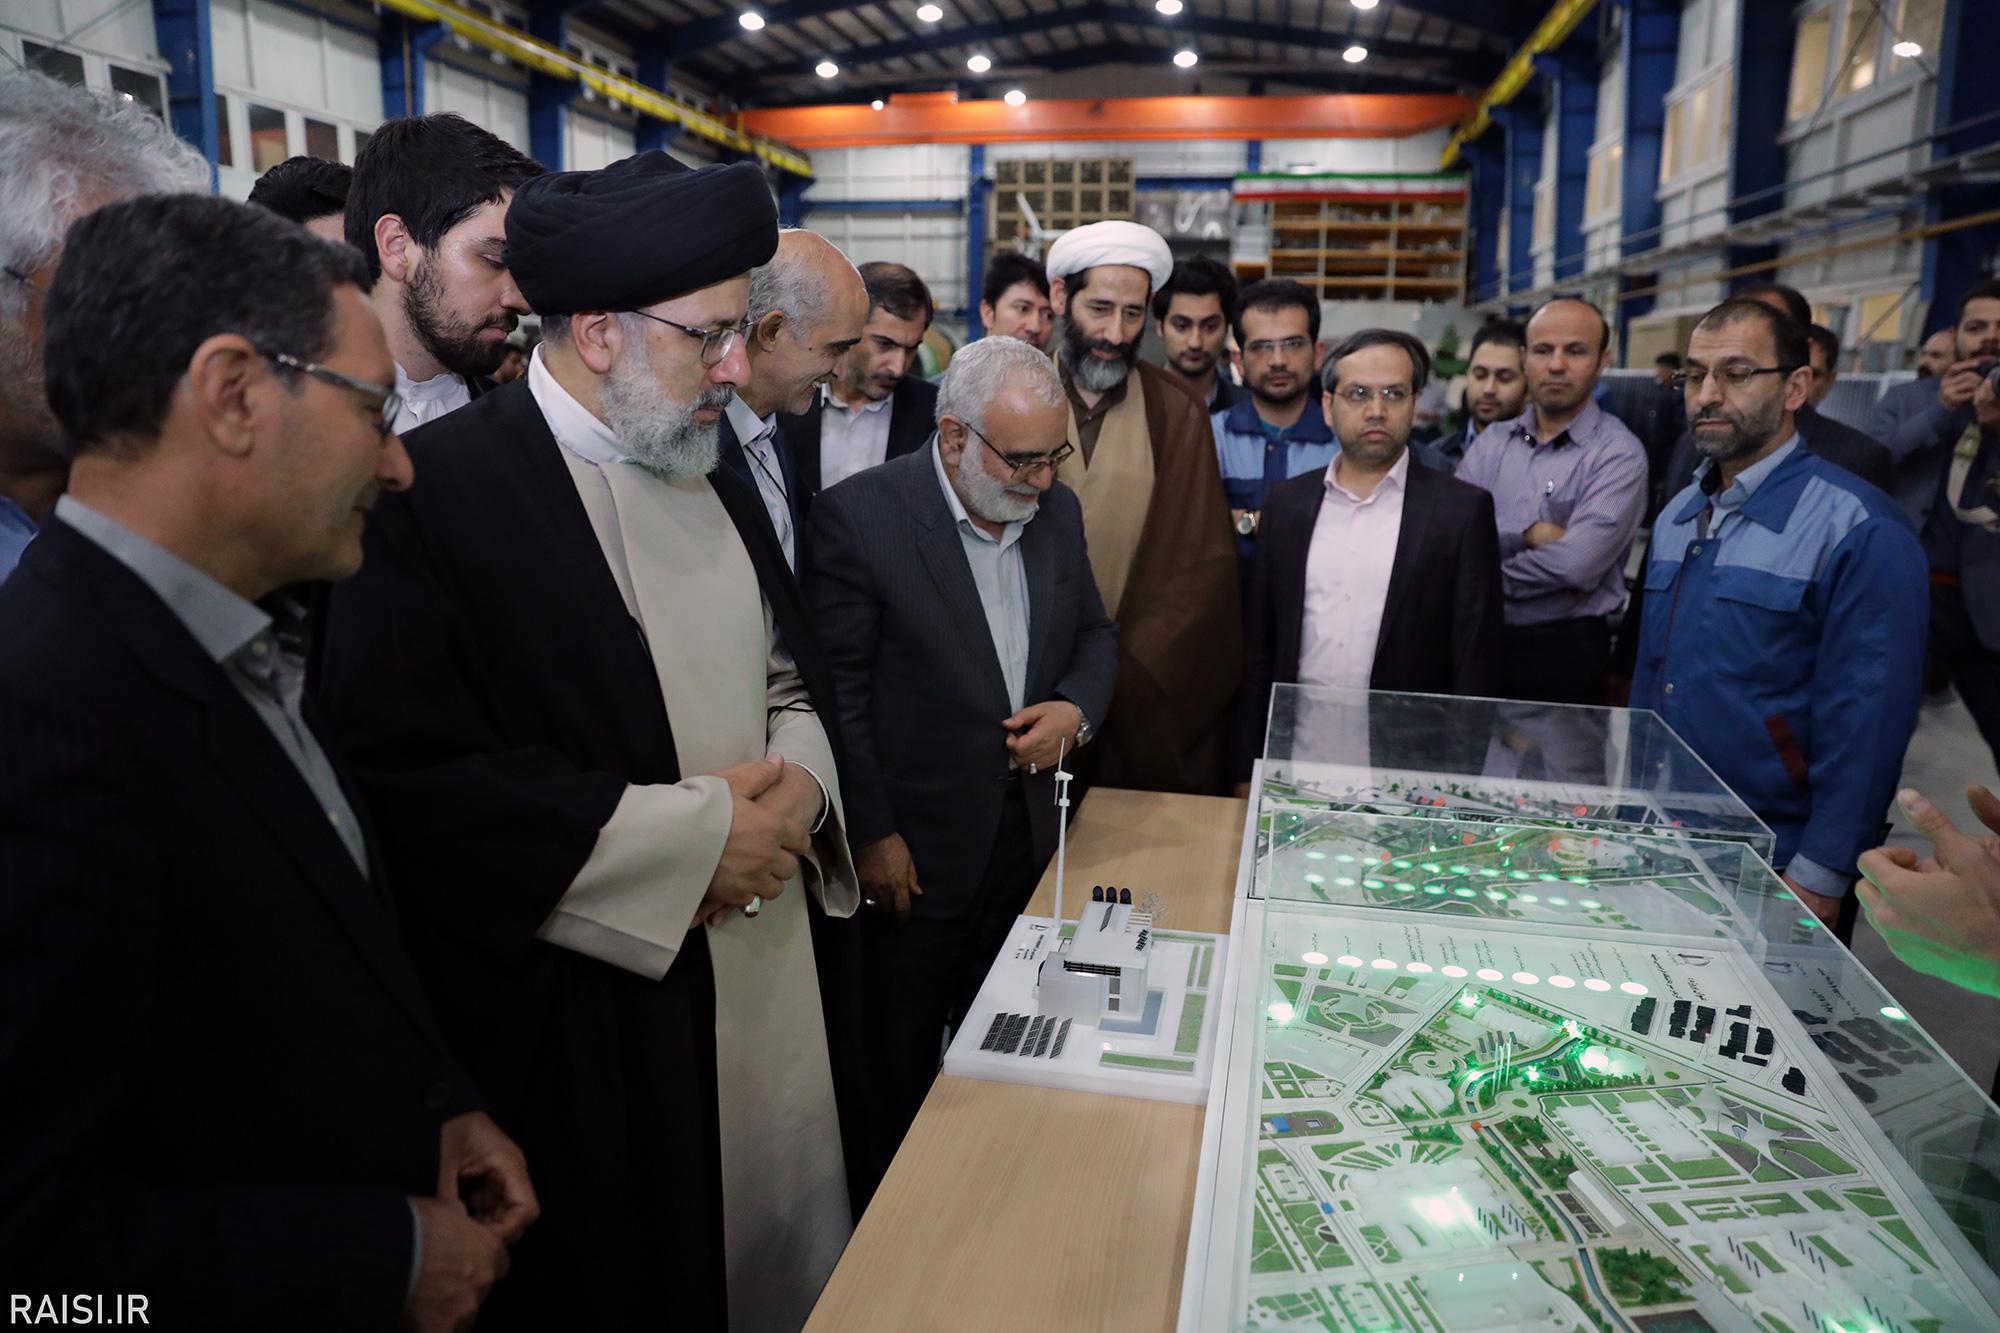 بازدید تولیت آستان قدس رضوی از پژوهشکده «هوا خورشید» دانشگاه فردوسی مشهد